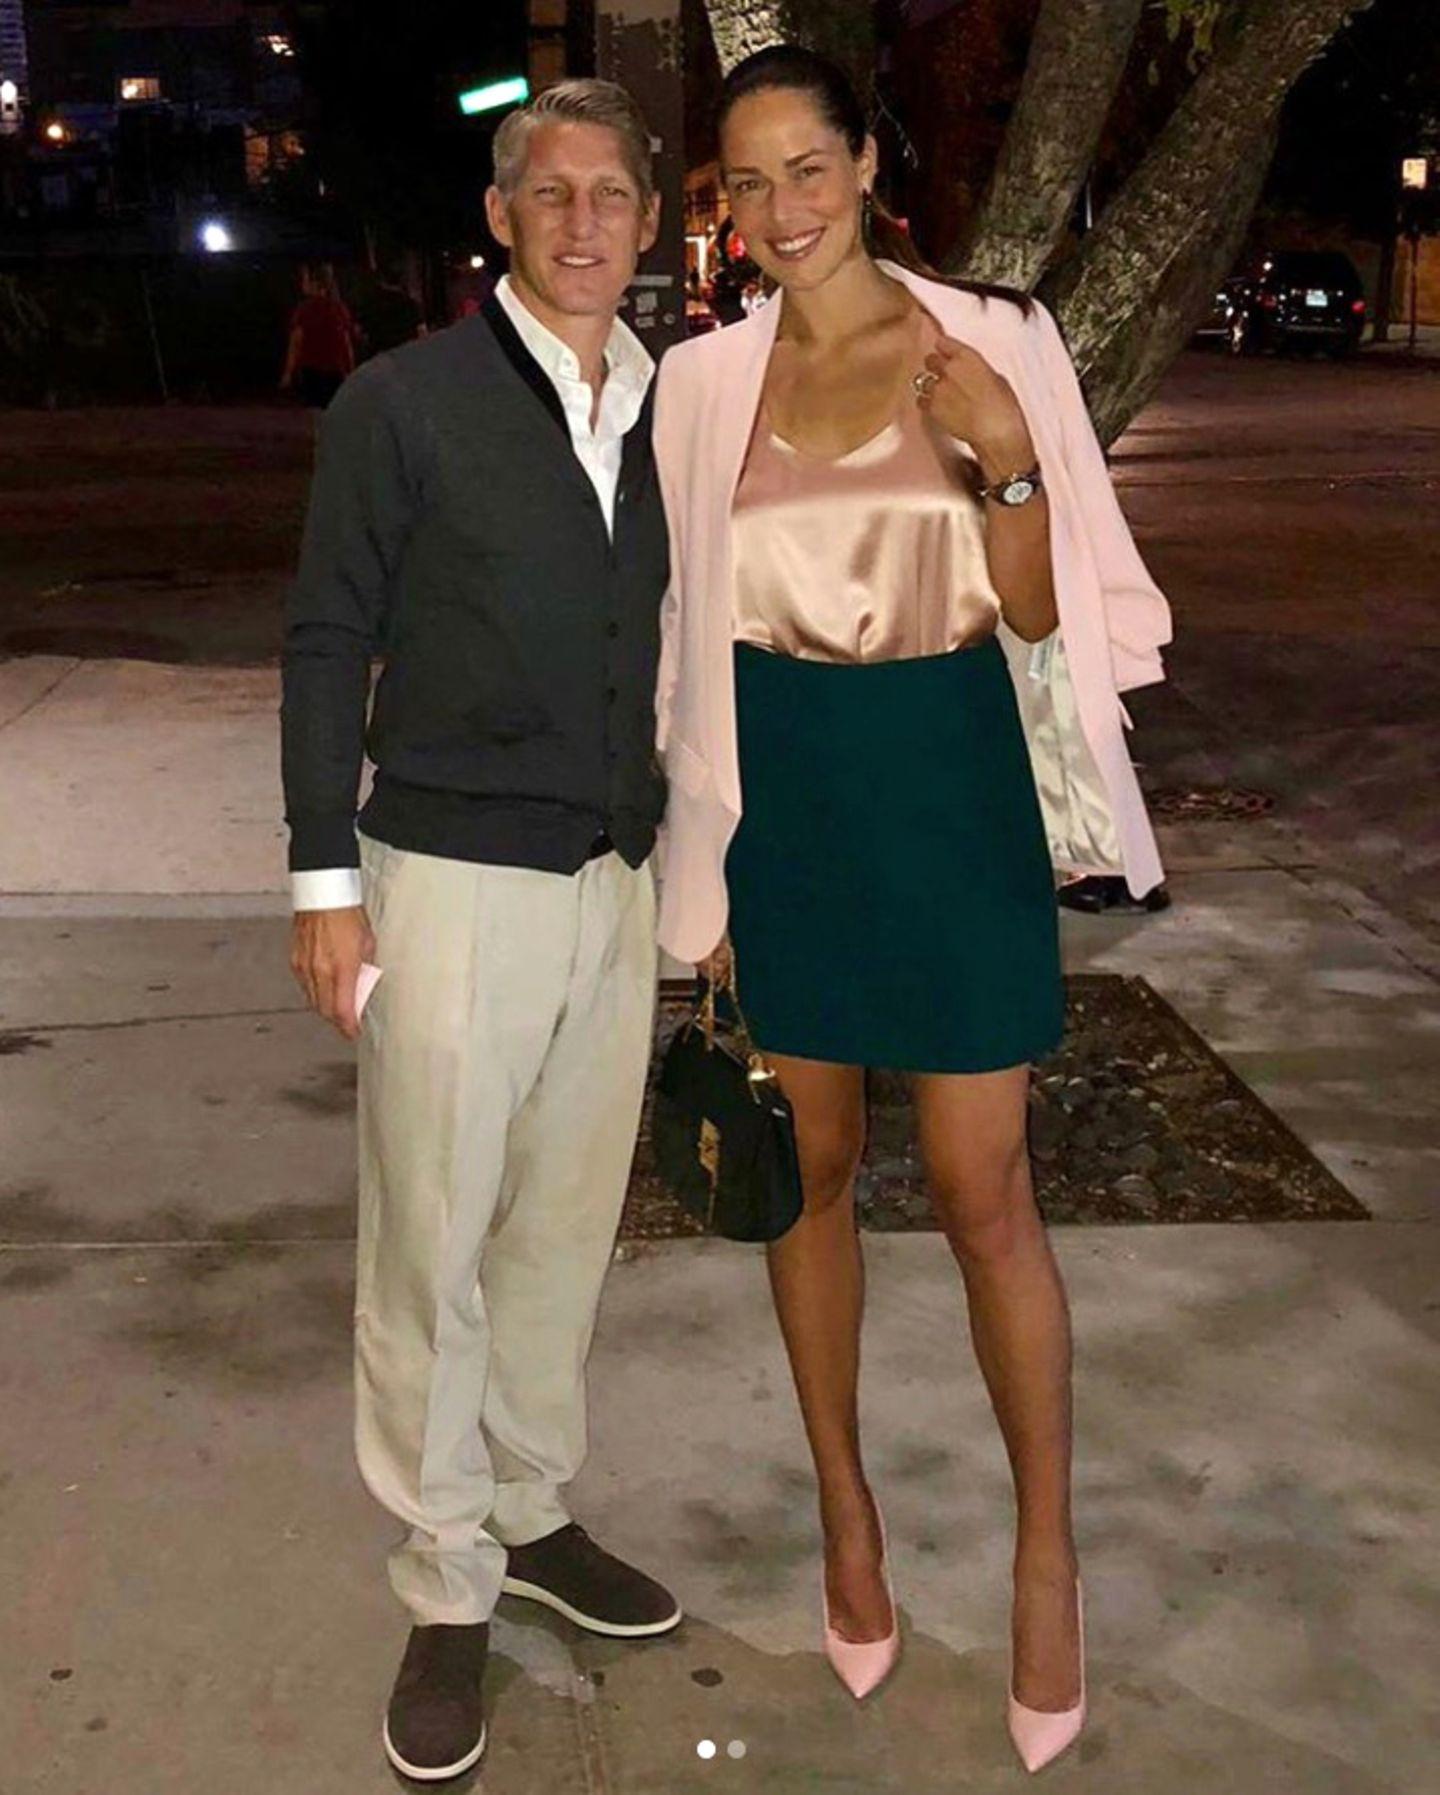 Zur Date Night mit ihrem Ehemann, Bastian Schweinsteiger, hat Ana Ivanovic dieses sexy Outfit ausgewählt. Ihm gefällt es ganz offensichtlich.